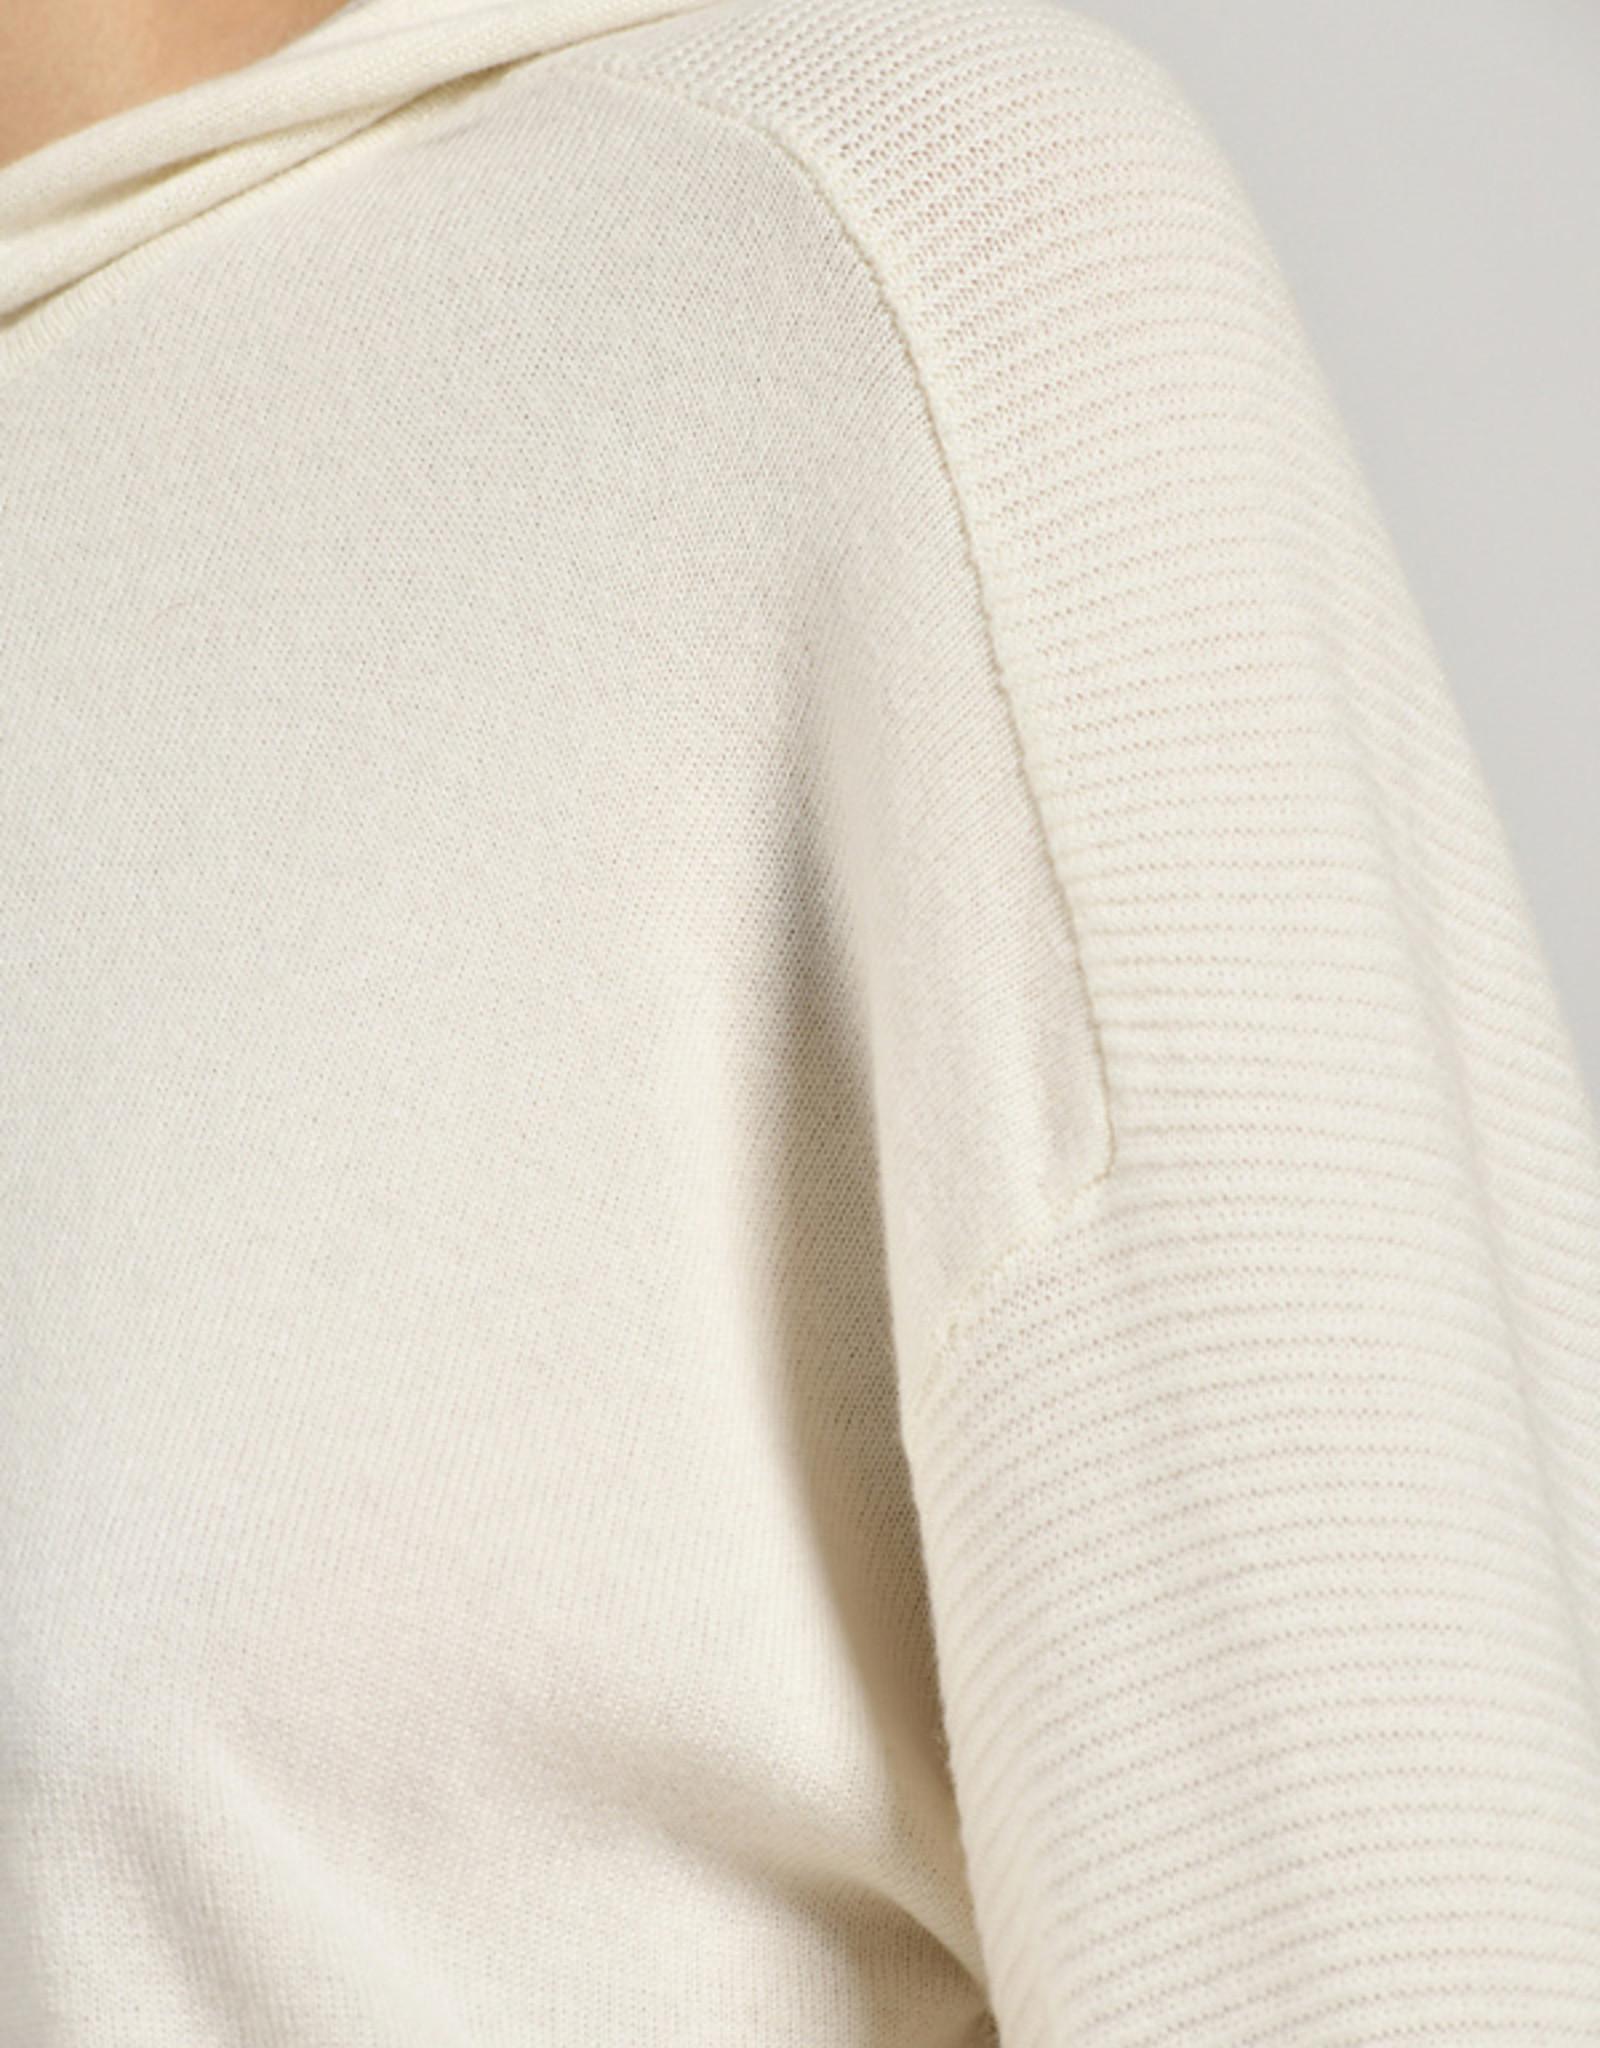 Mat de Misaine Telgruc Knit